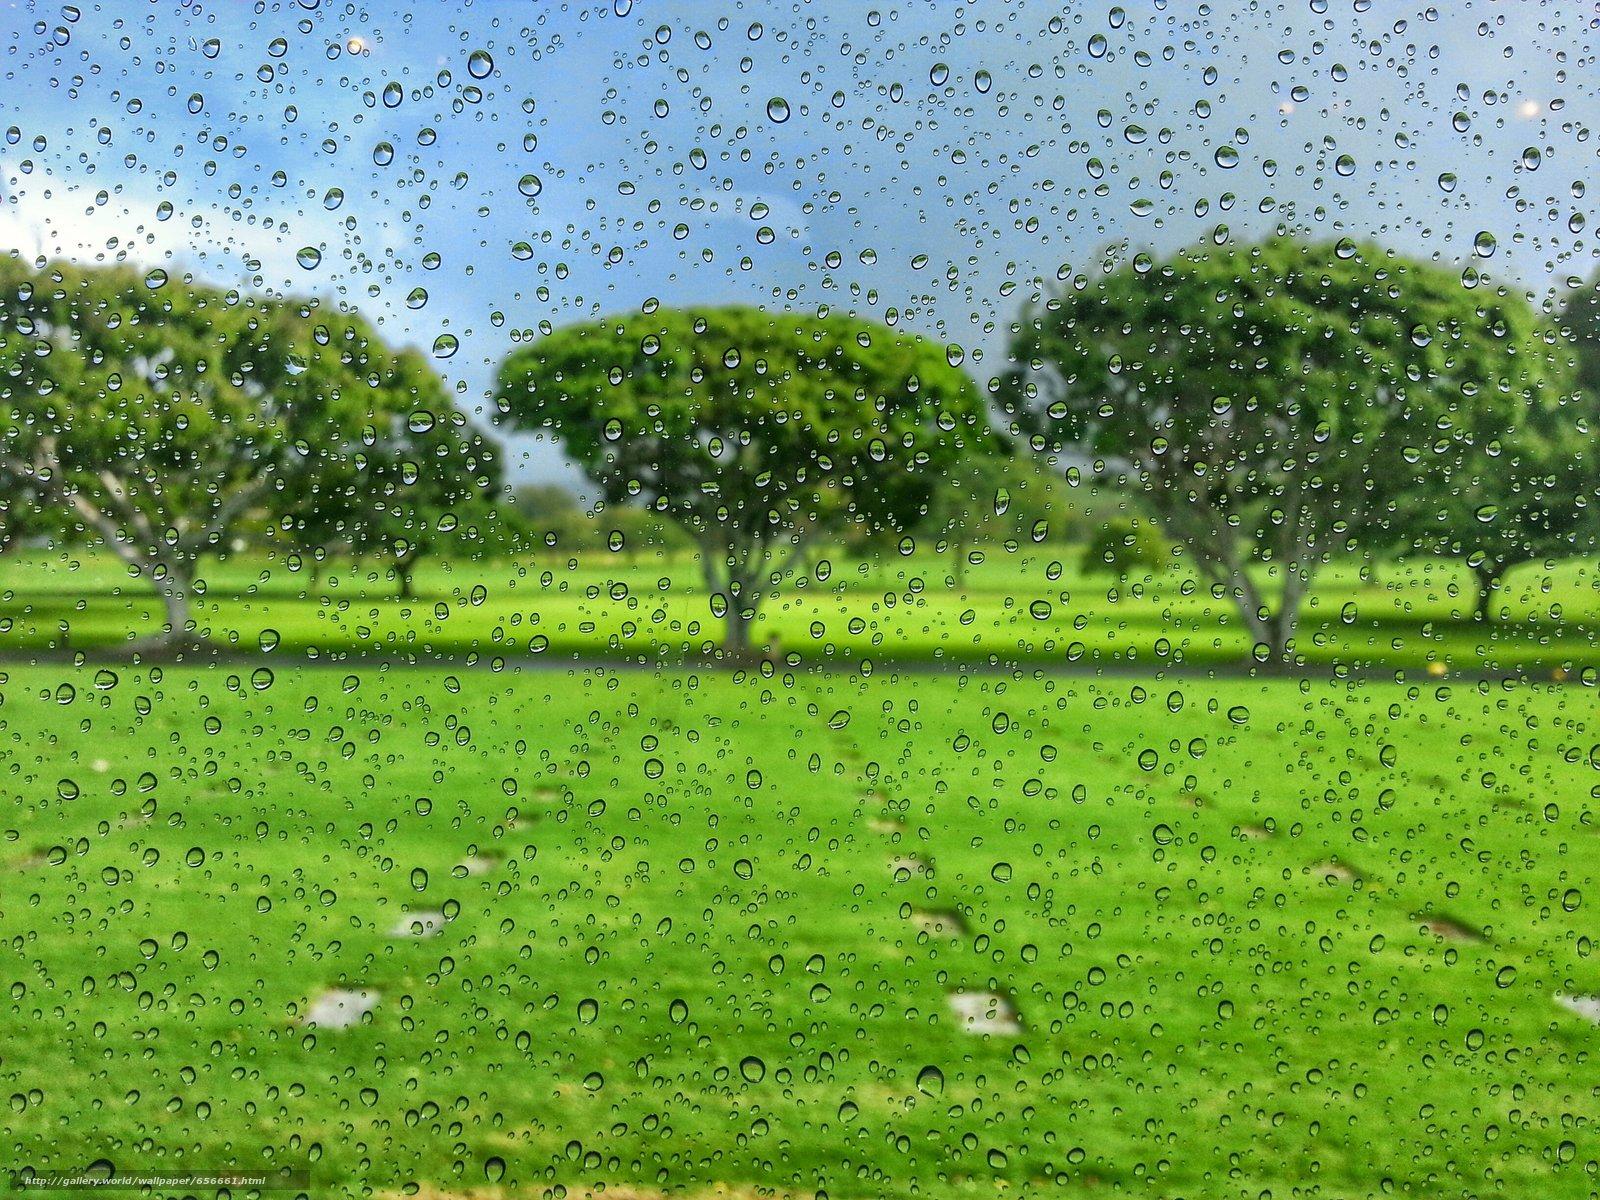 Скачать обои стекло,  капли,  поле,  деревья бесплатно для рабочего стола в разрешении 3264x2448 — картинка №656661